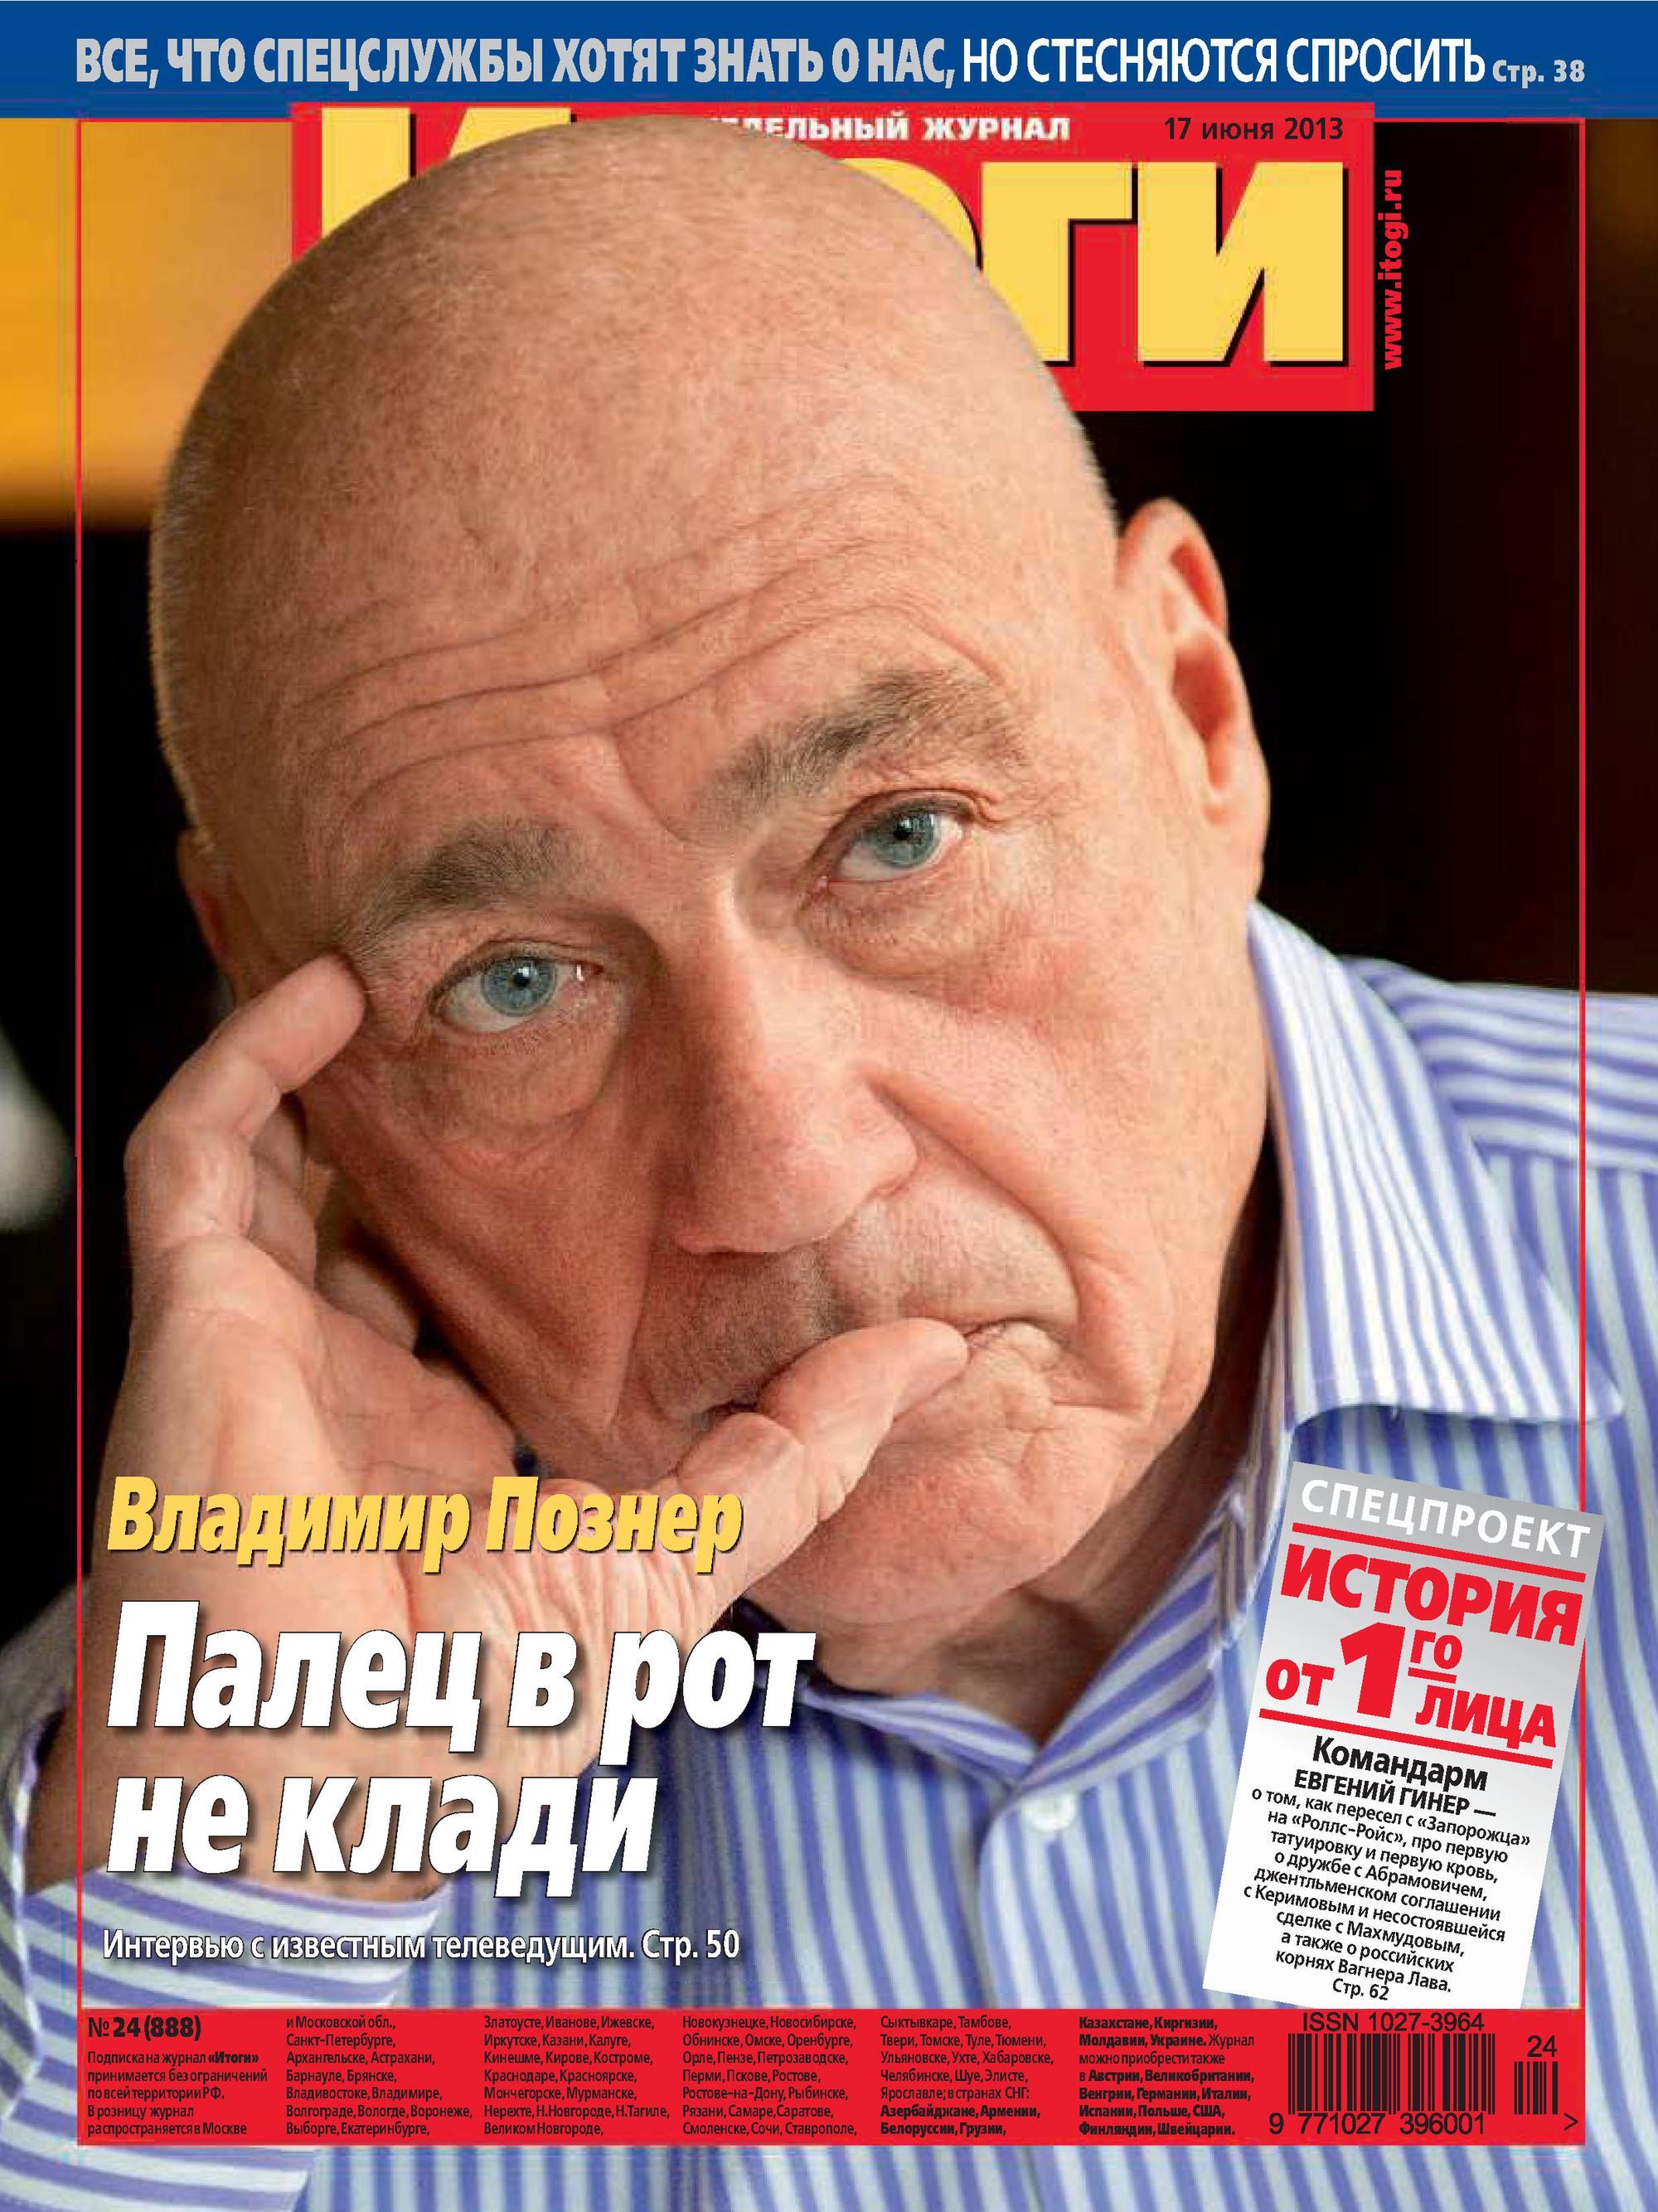 Журнал «Итоги» №24 (888) 2013